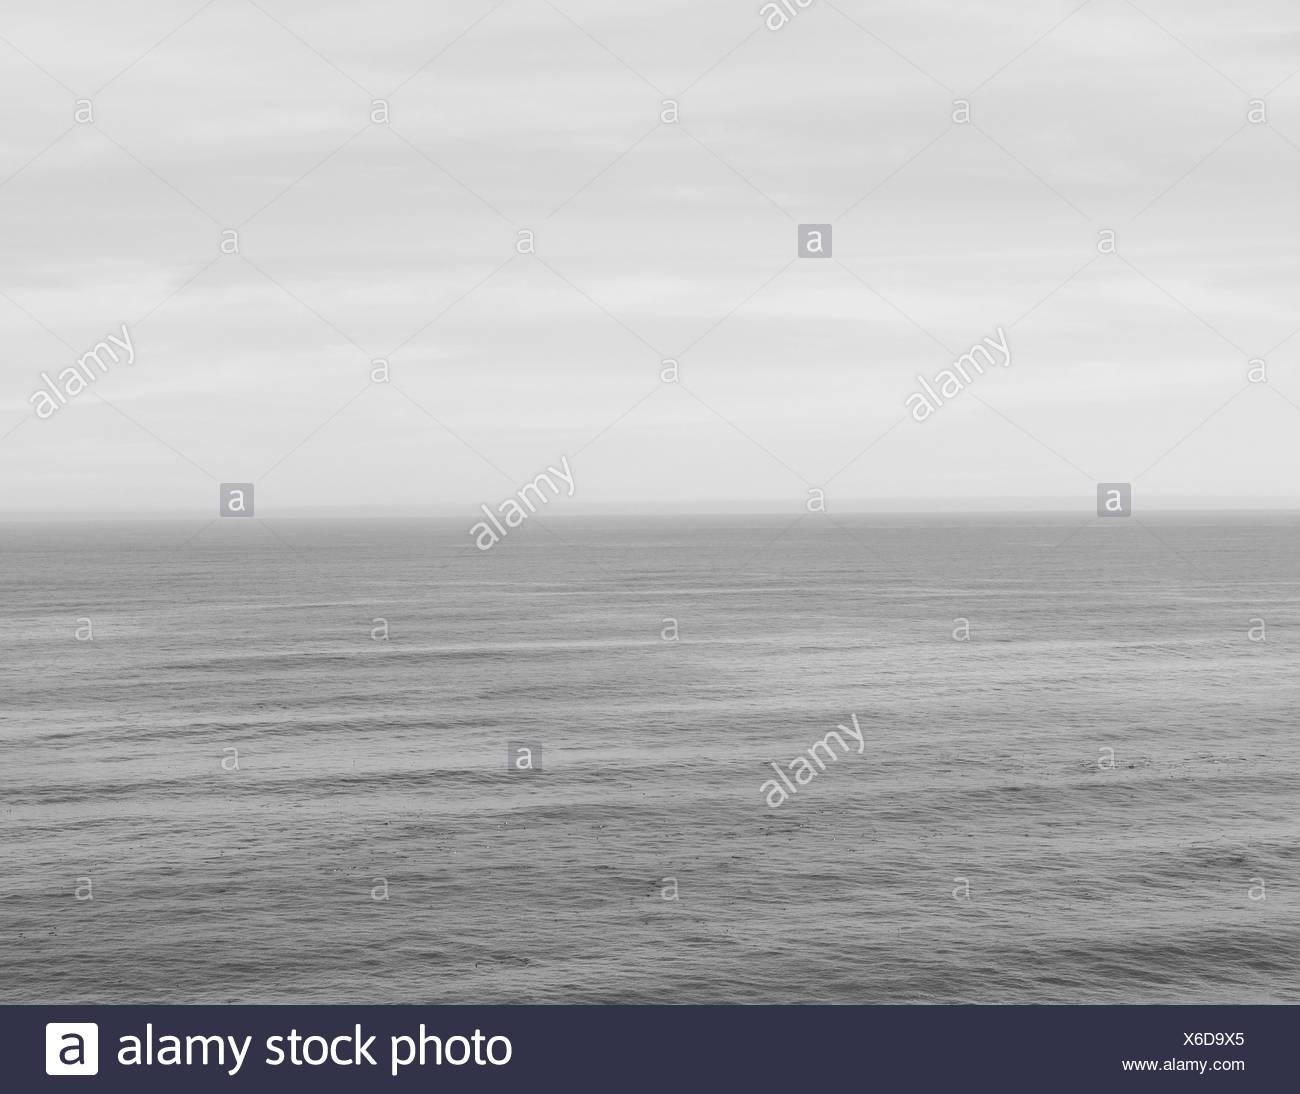 L'océan rencontre le ciel au large de la côte de Californie à Big Sur. Banque D'Images